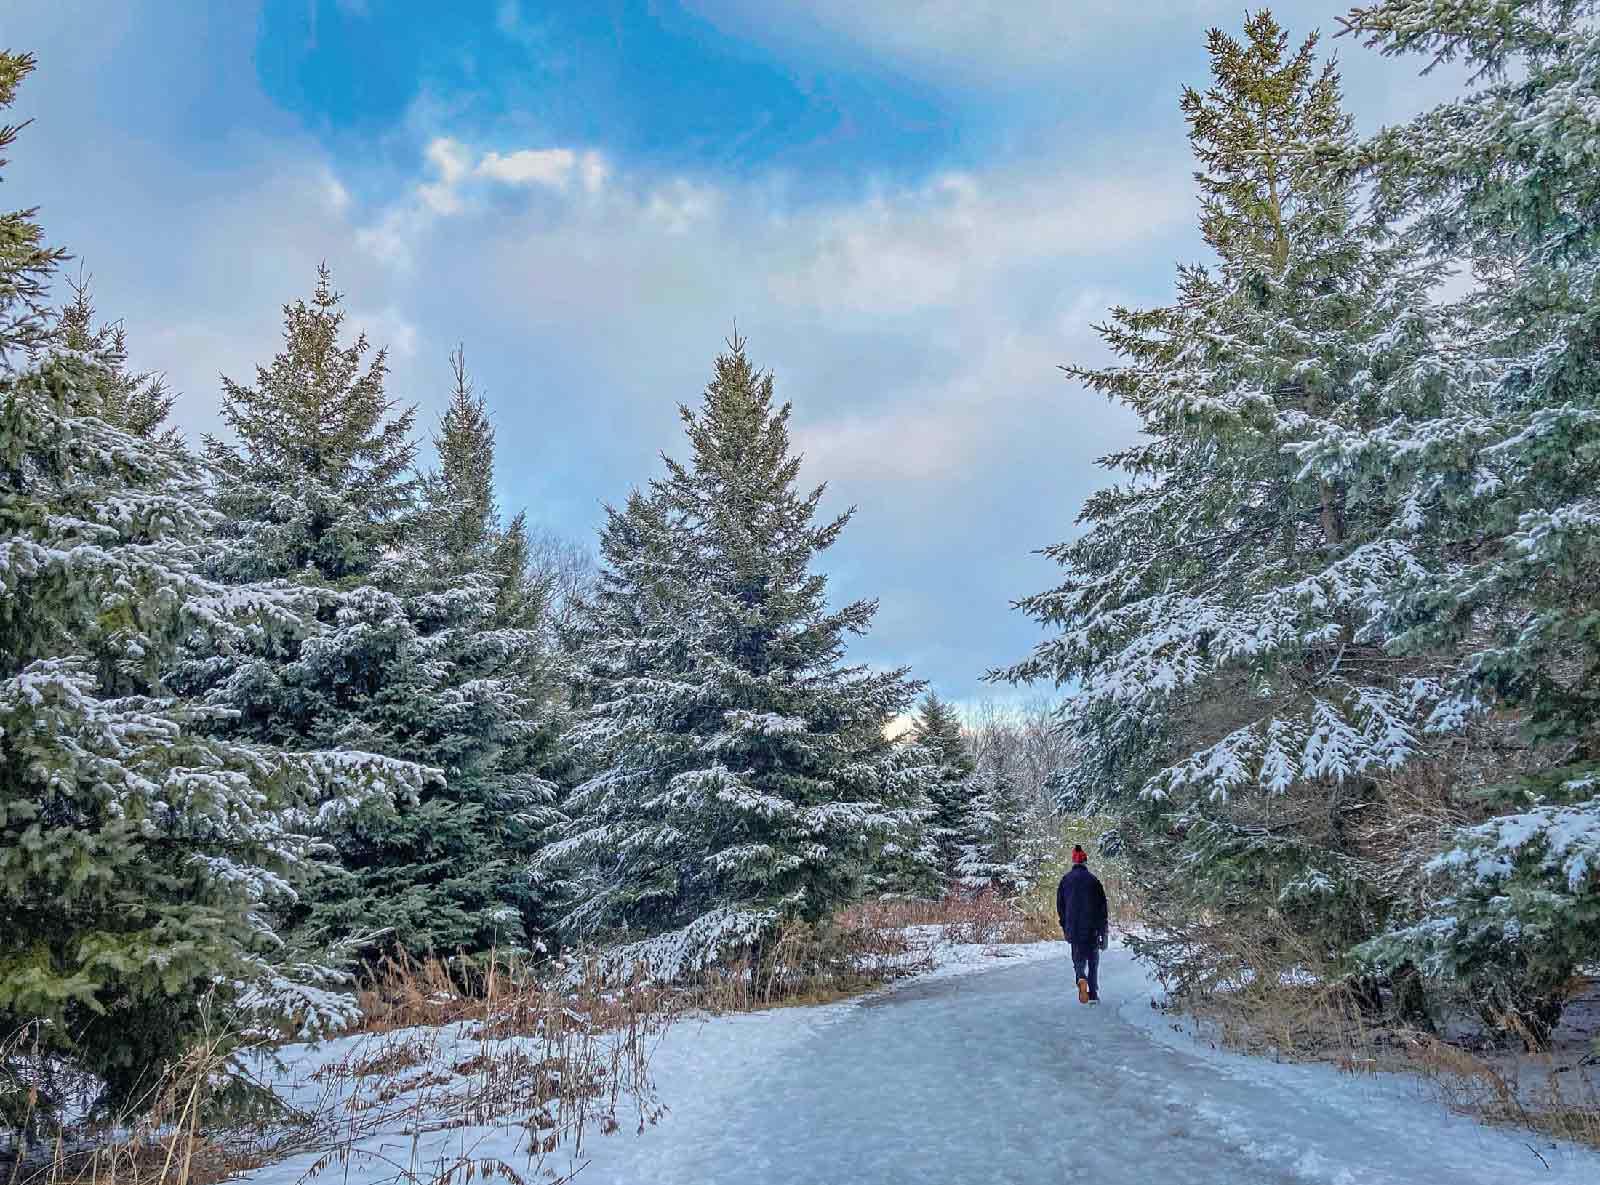 高く伸びたトウヒ(Spruce)林を抜けるトレイル